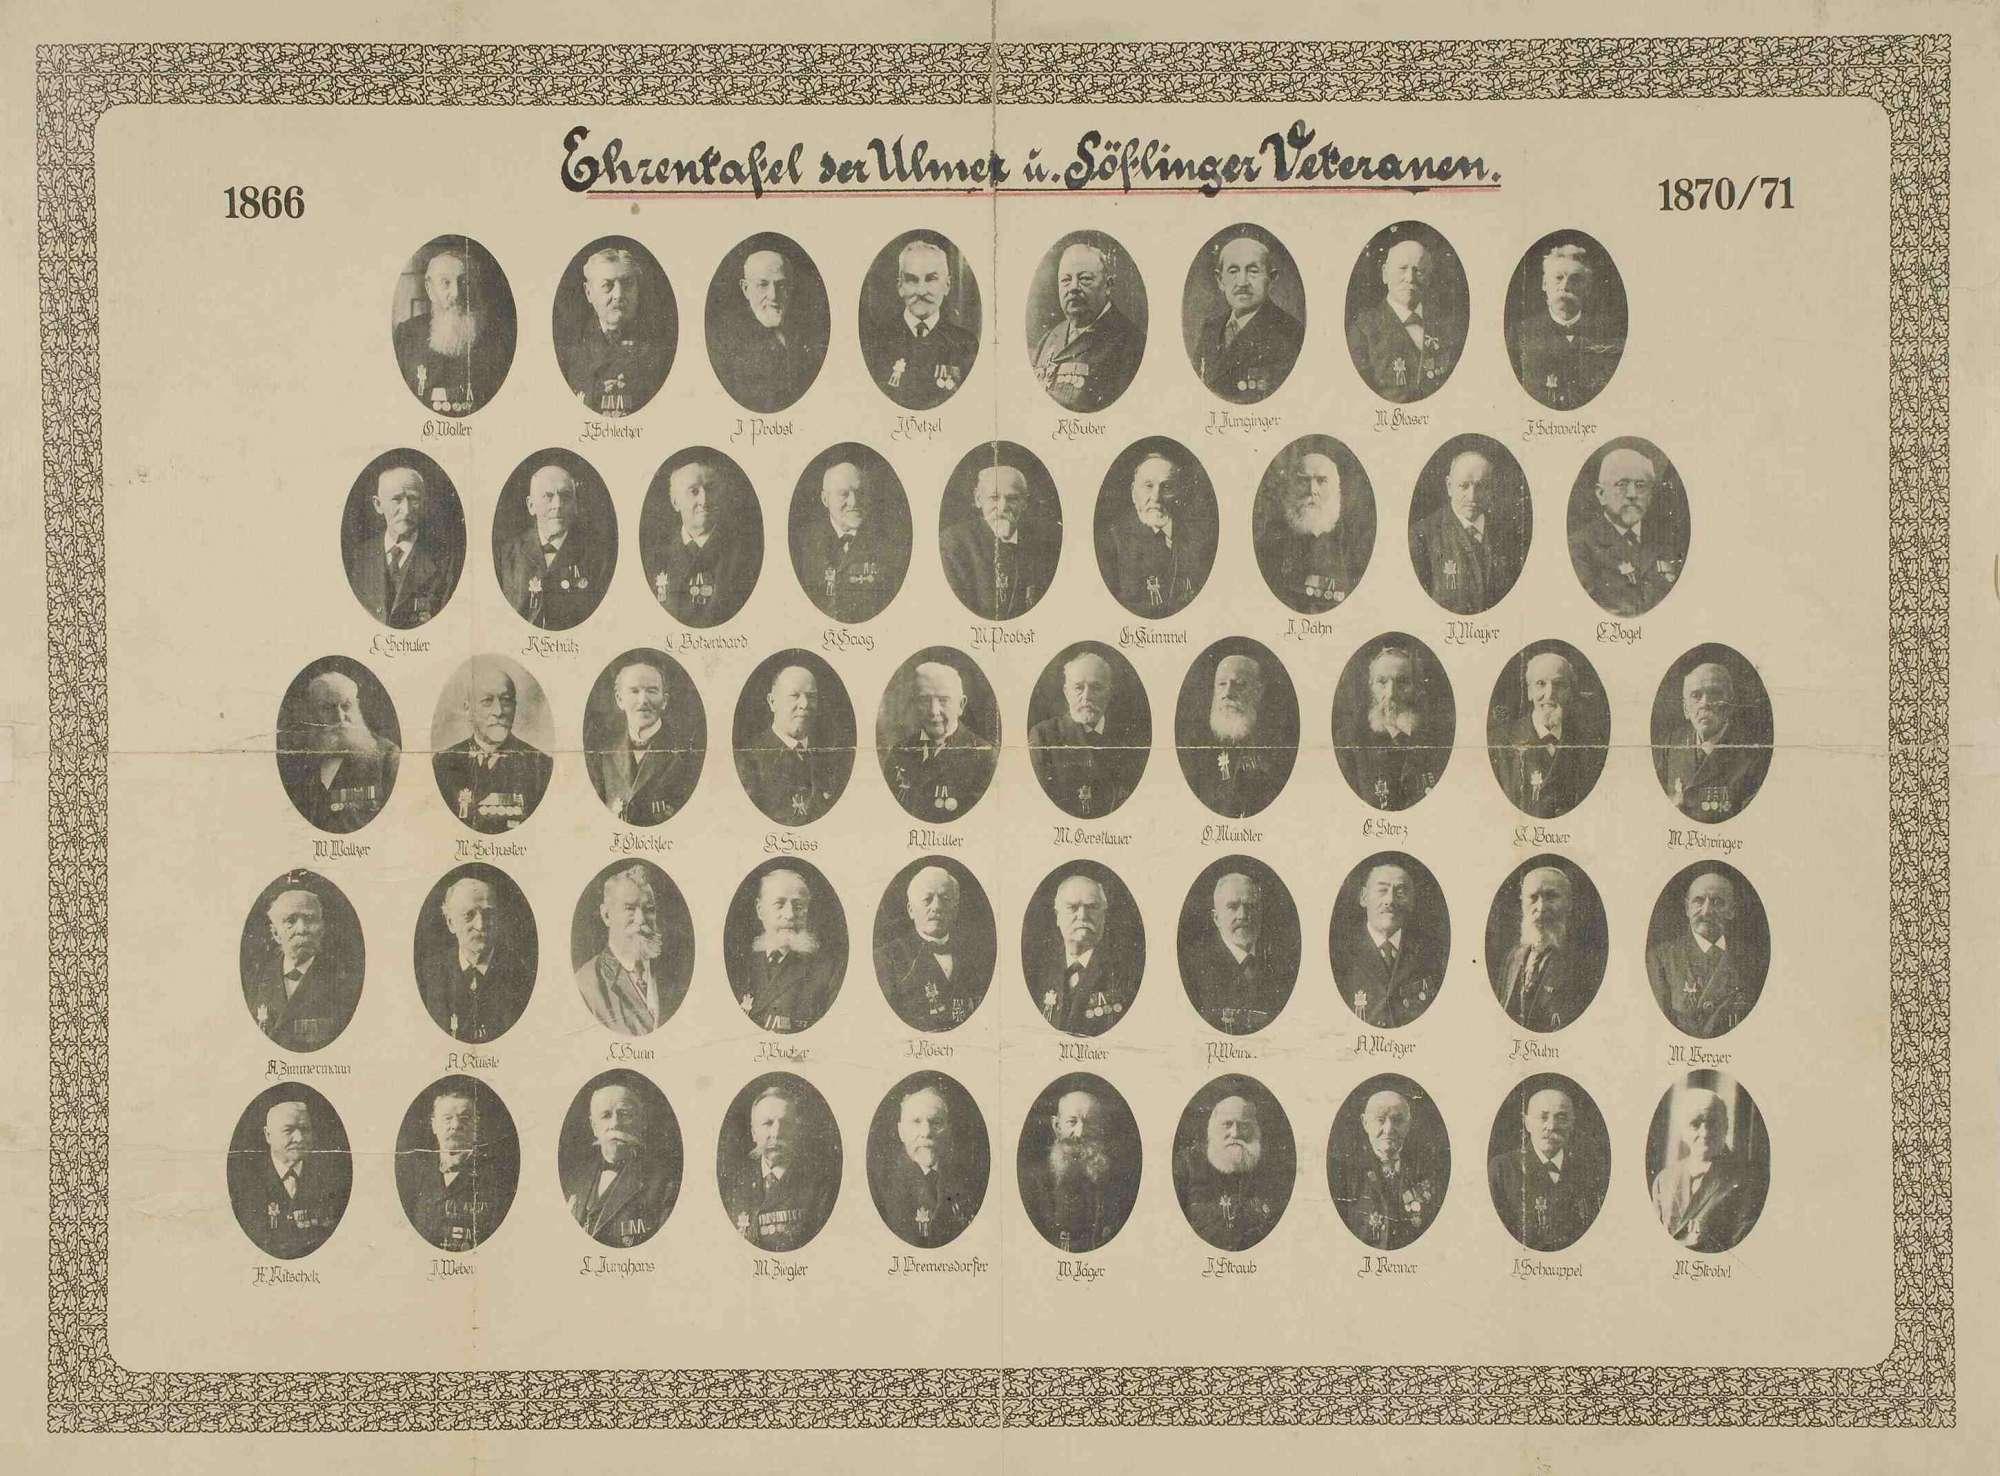 Ehrentafel der Ulmer und Söflinger Veteranen der Kriege 1866 und 1870/7, Einzelaufnahmen in Zivil mit Orden, Bilder vorwiegend in Halbprofil, Bild 1